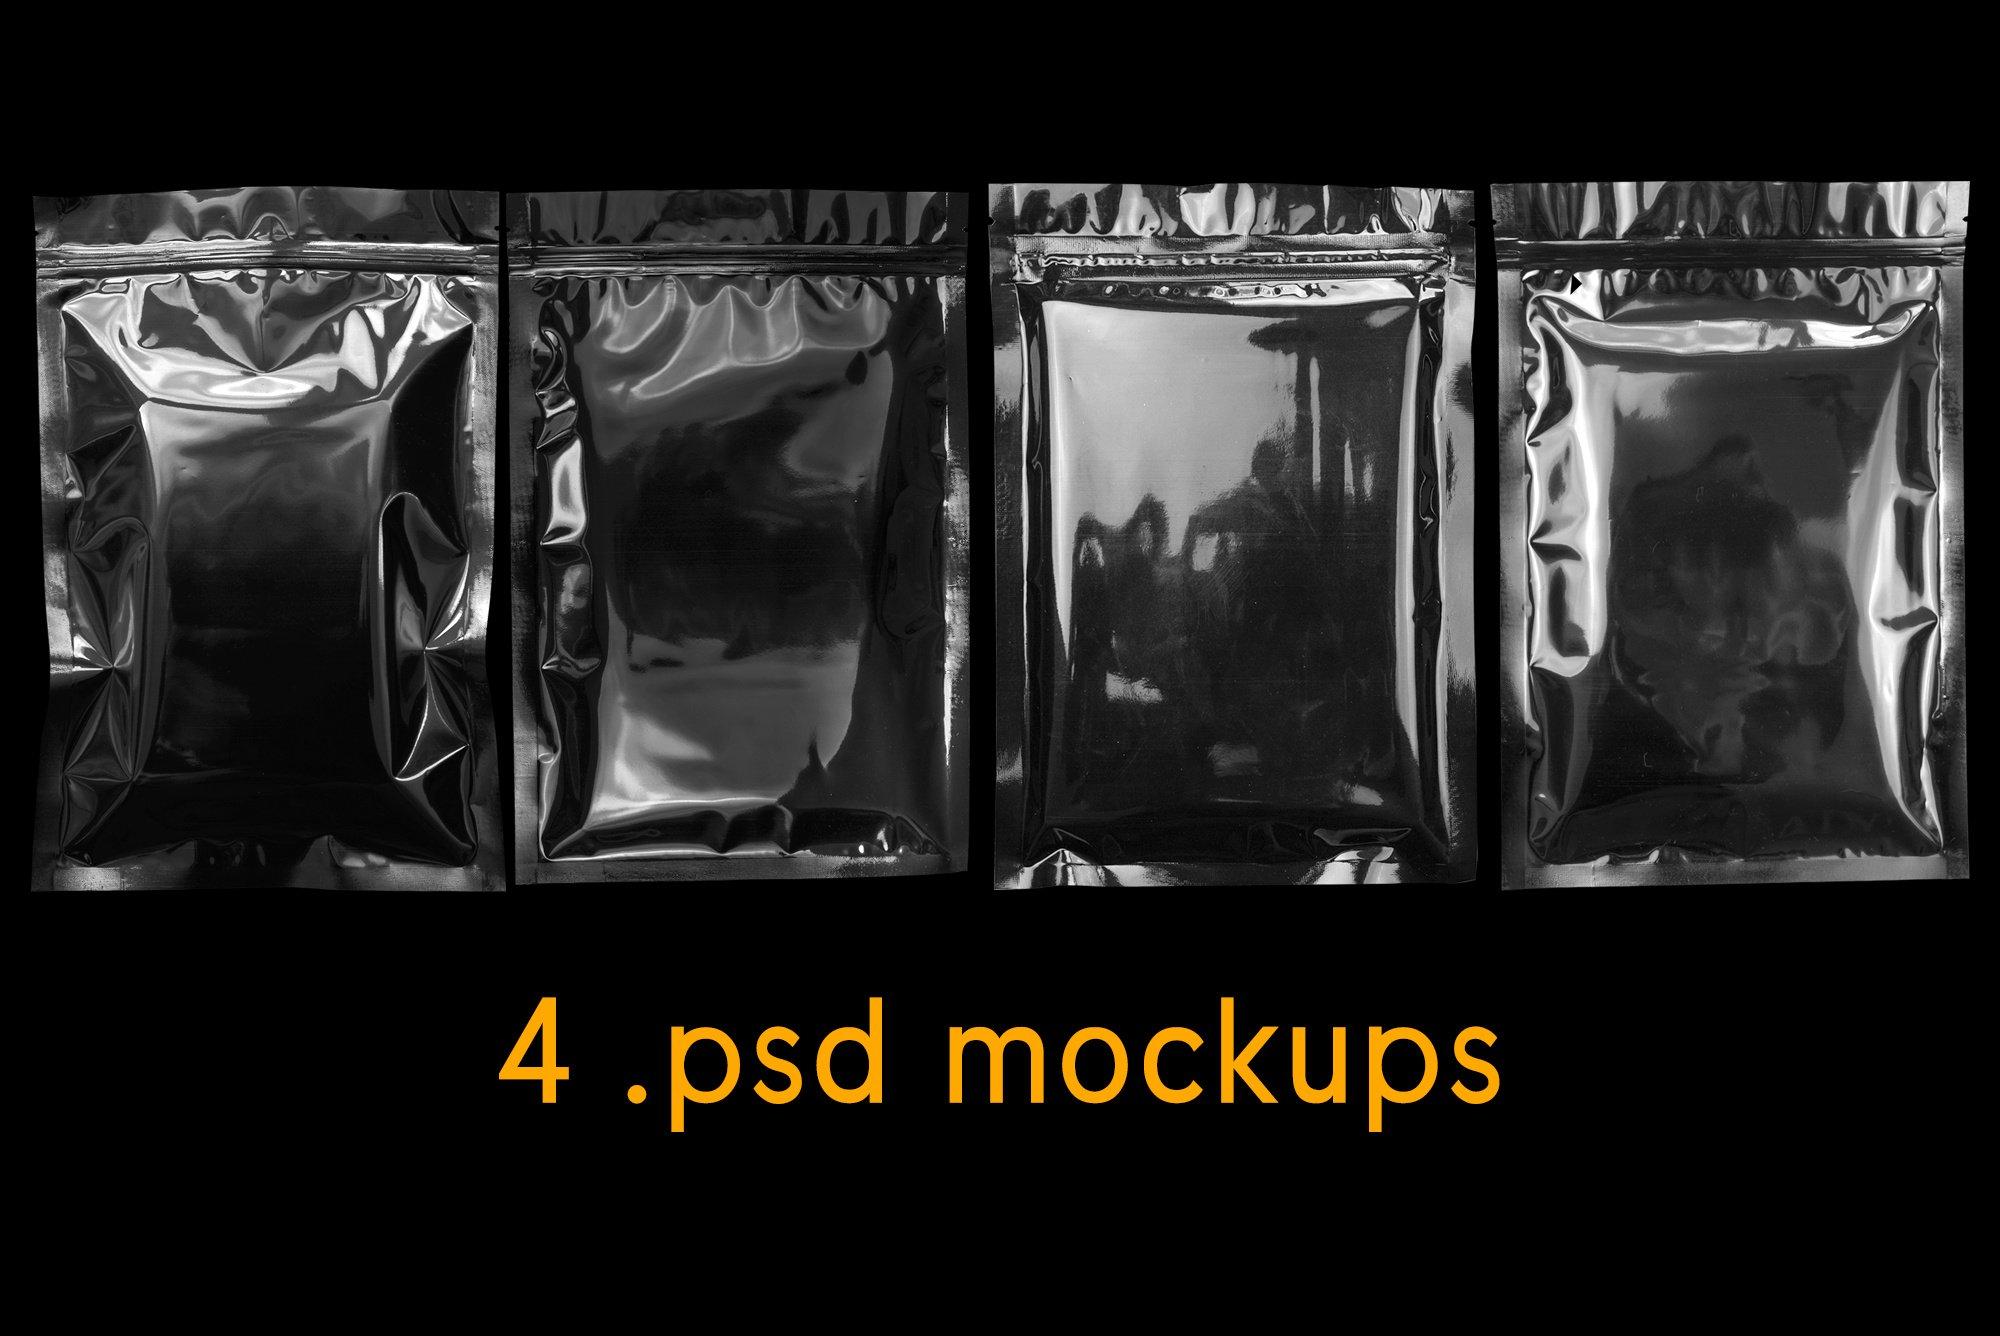 超酷新潮黑色独特逼真文具塑料褶皱塑料袋纹理PSD模板(4352)插图(8)